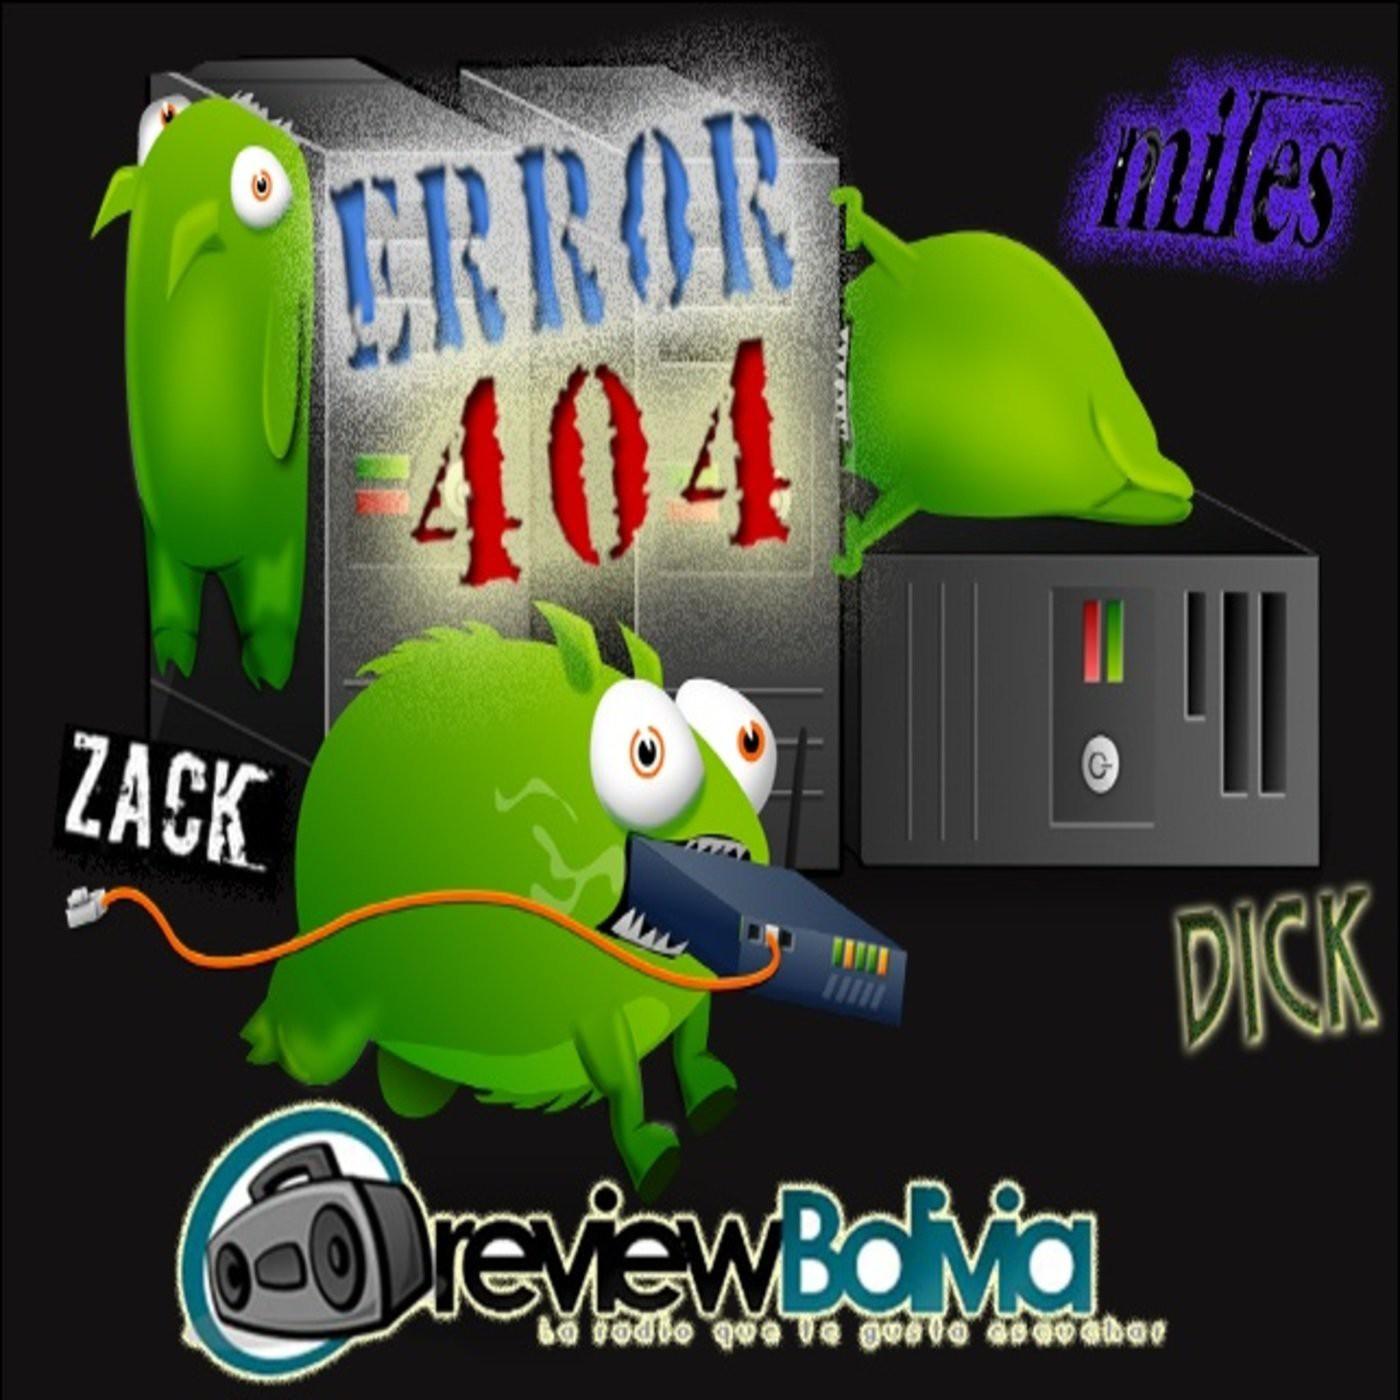 <![CDATA[Termintor la saga en el cine - Error 404 - Prog 02]]>